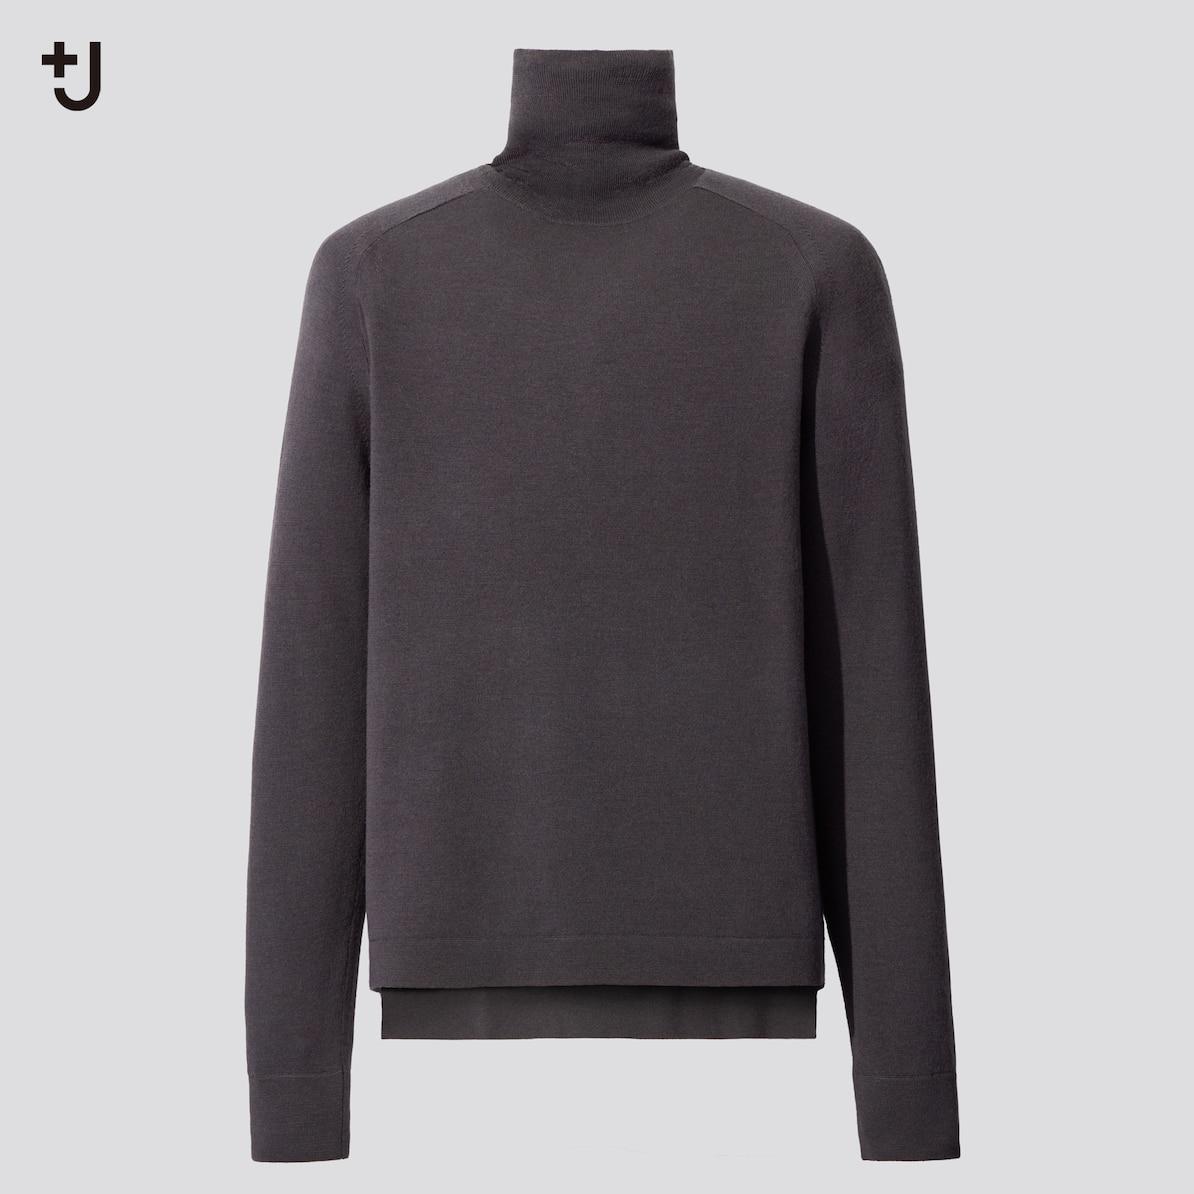 メリノブレンドタートルセーター(3,990円)